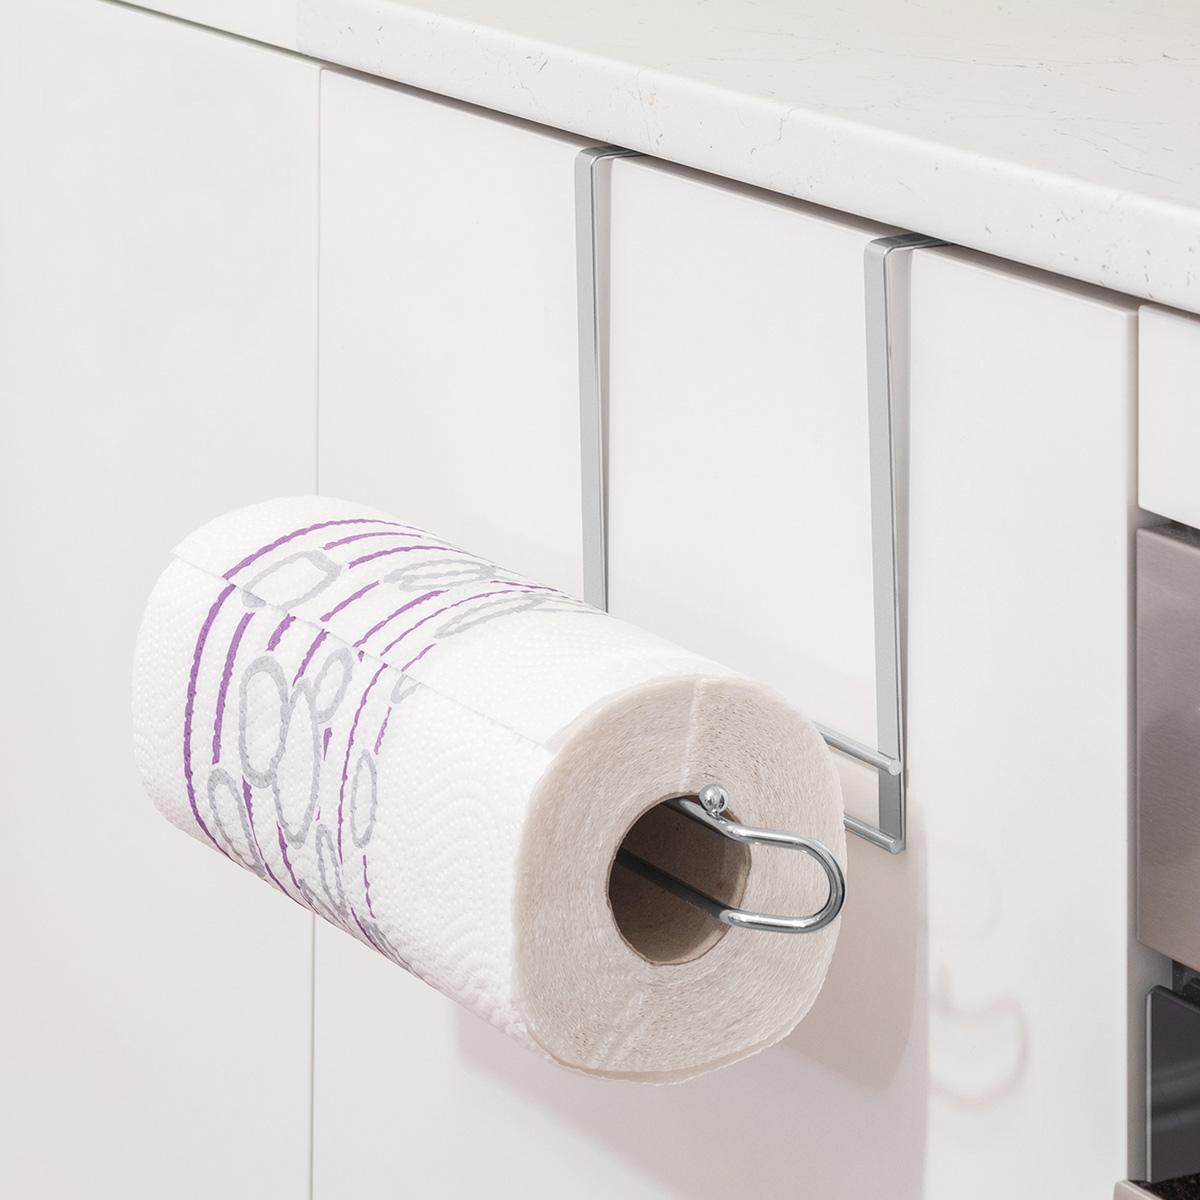 Tatkraft GLORY Надверный держатель бумажных полотенец, L27?H18?D10 сm, Материал: хромированная сталь